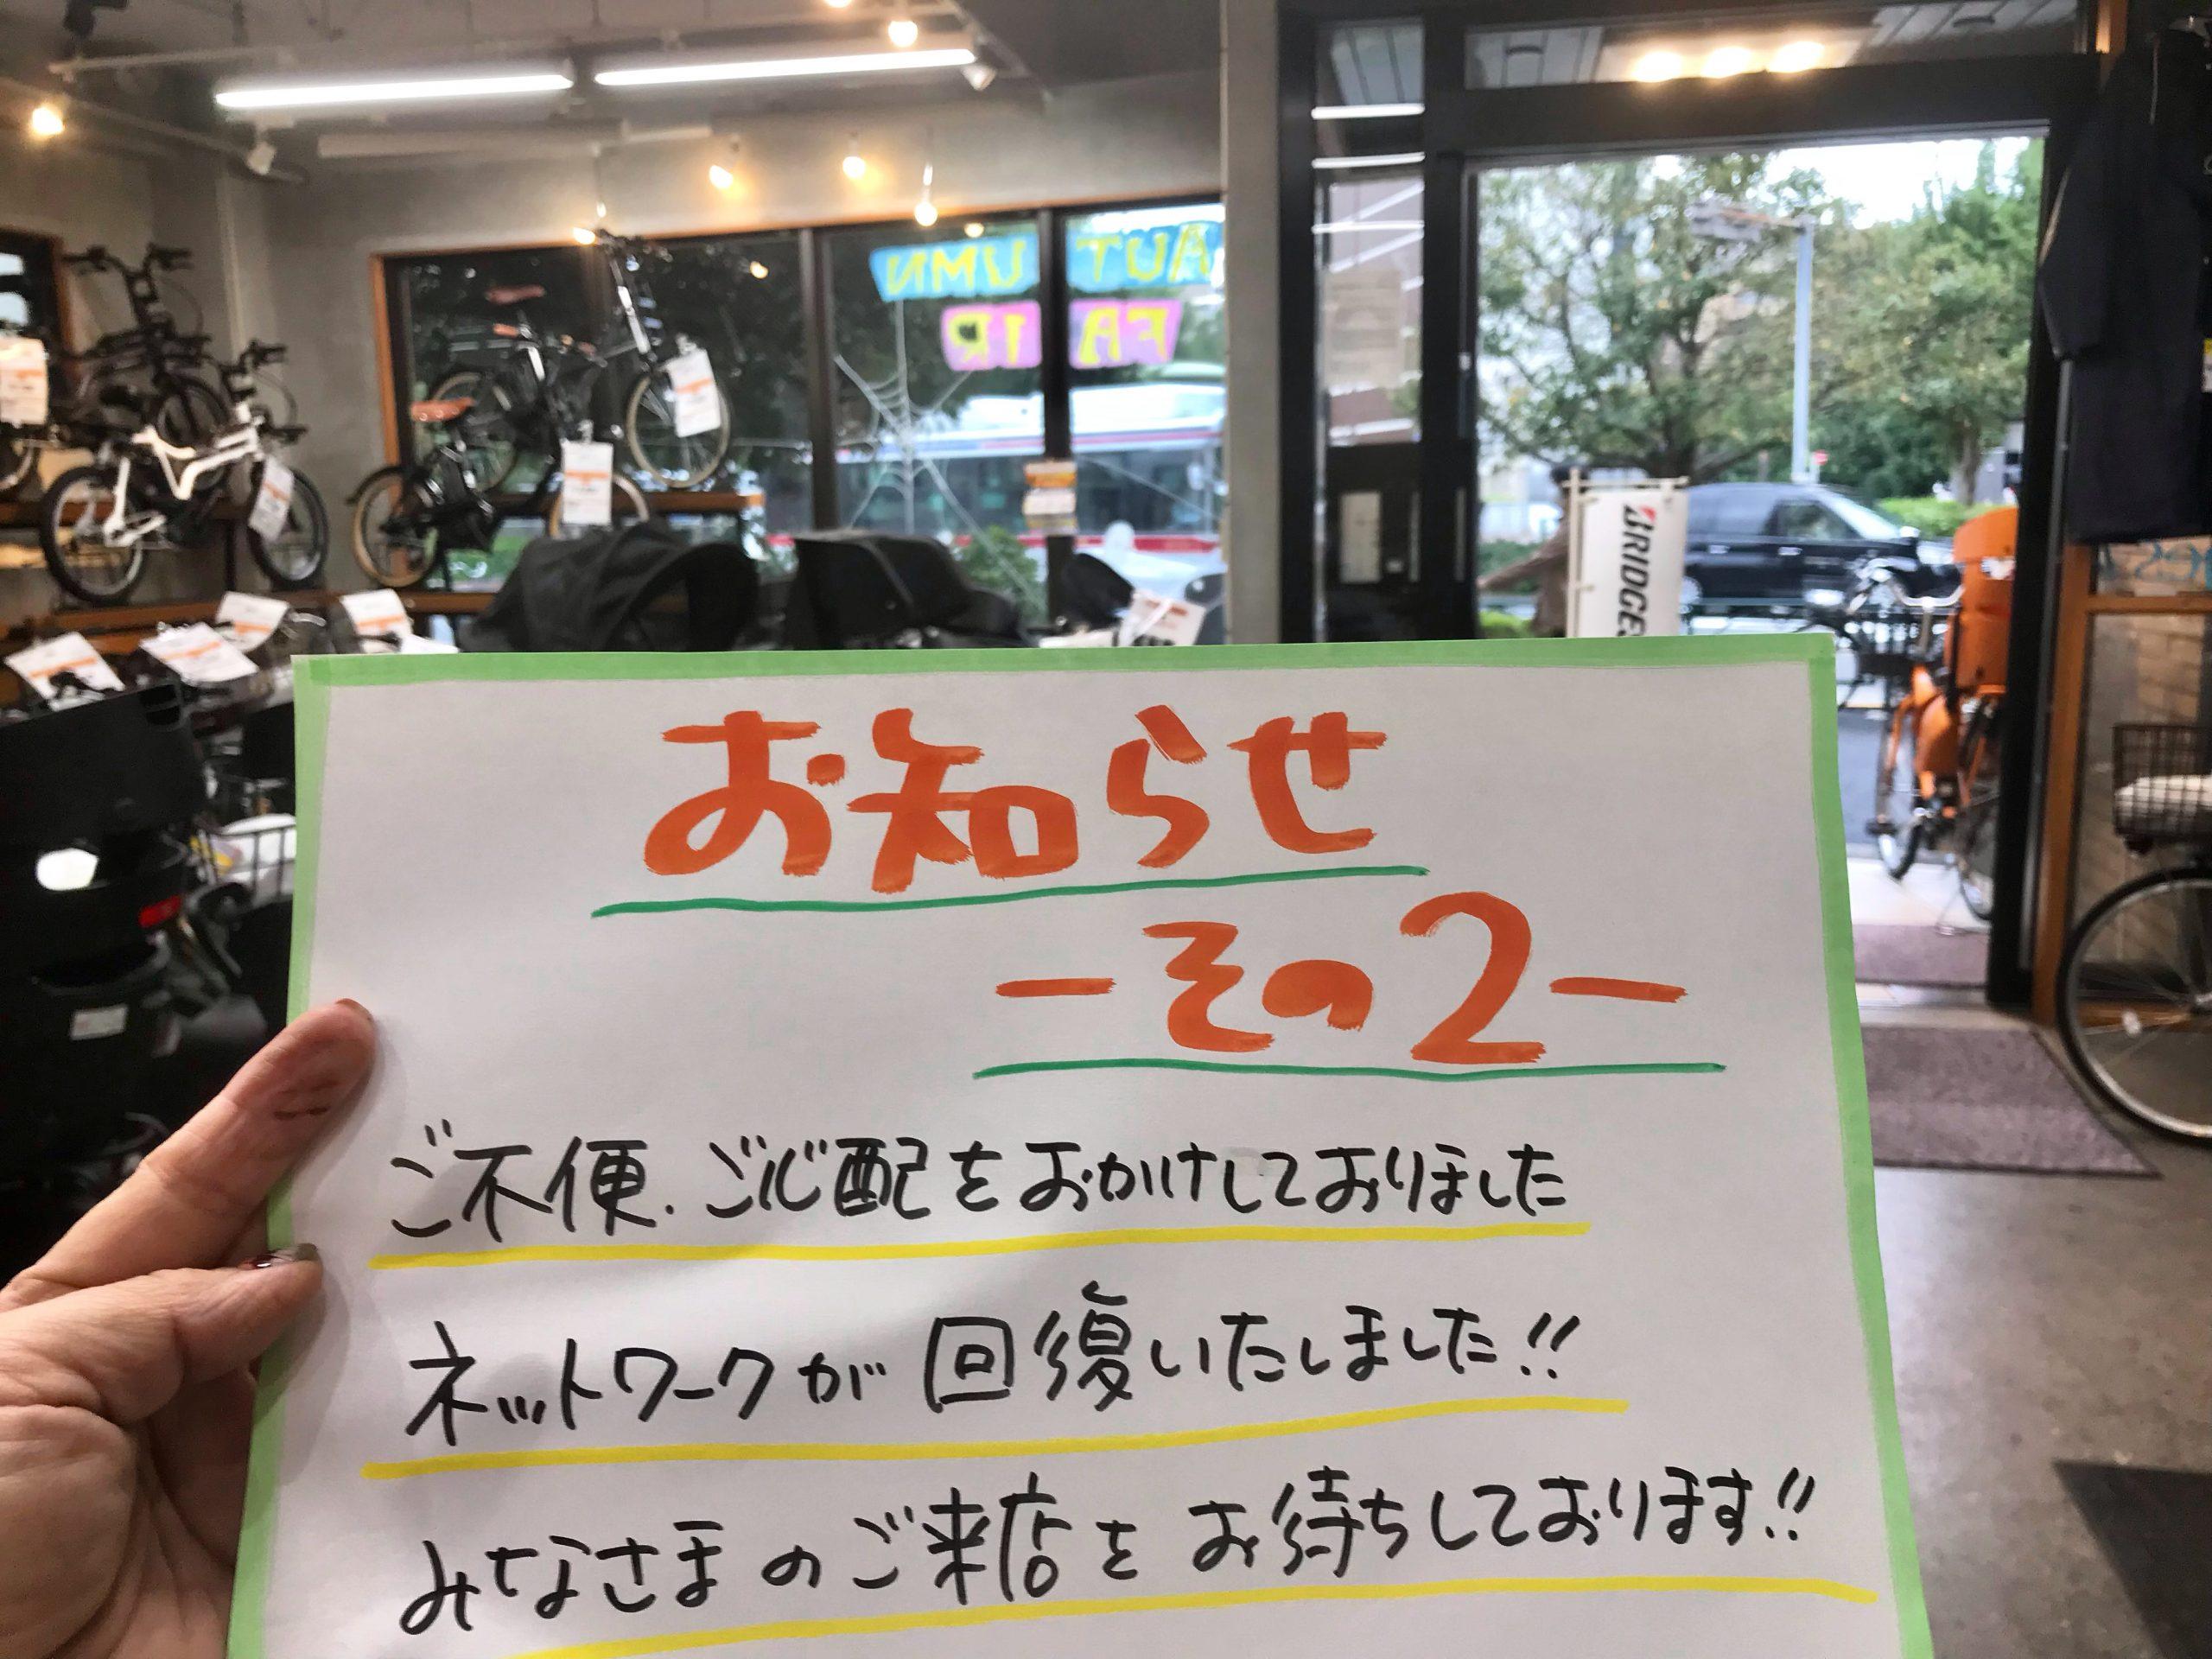 【大井町店】ネットワーク回復のお知らせ